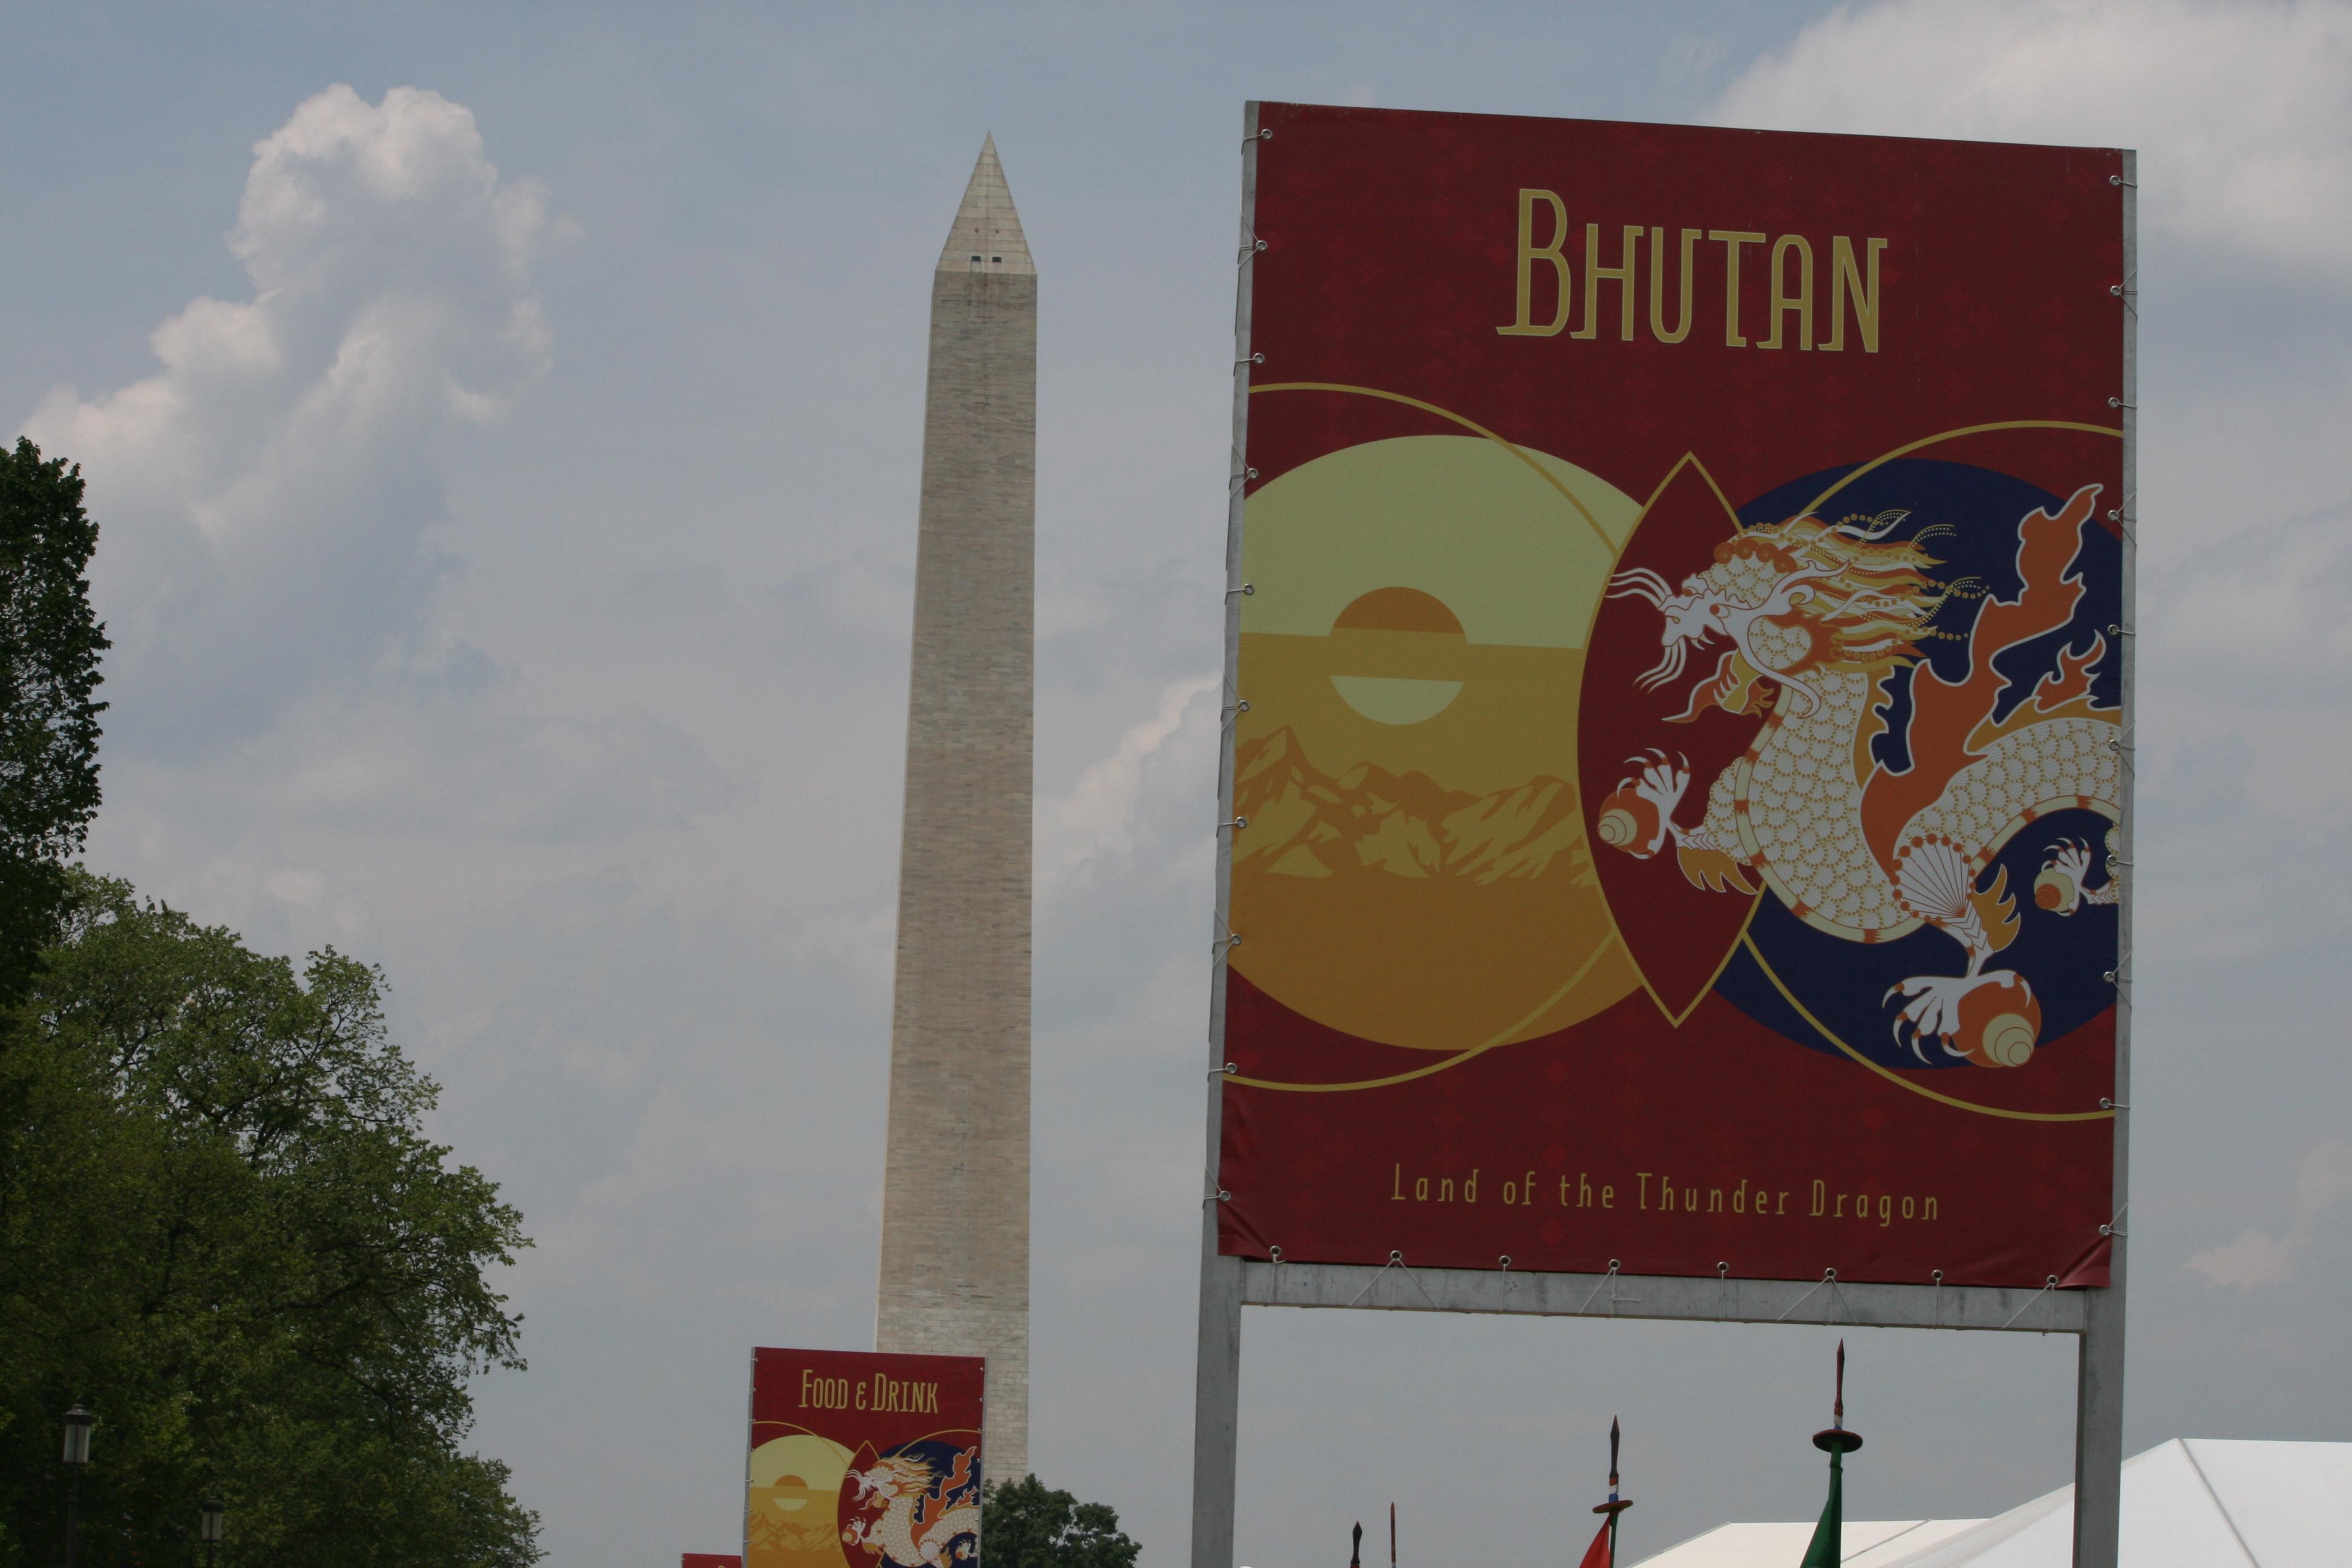 File:Bhutan on the National Mall - Smithsonian FolkLife